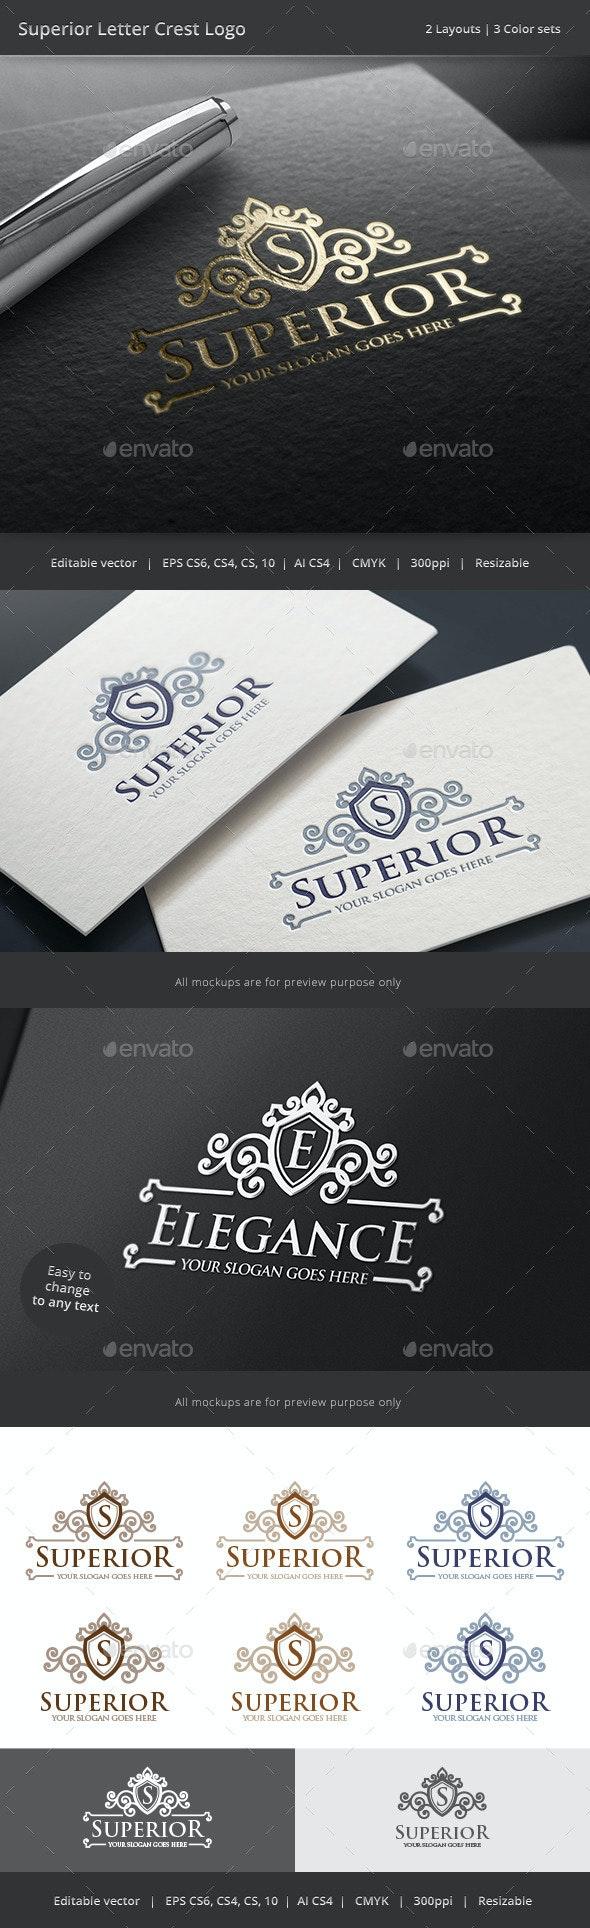 Superior Letter Crest Logo - Crests Logo Templates